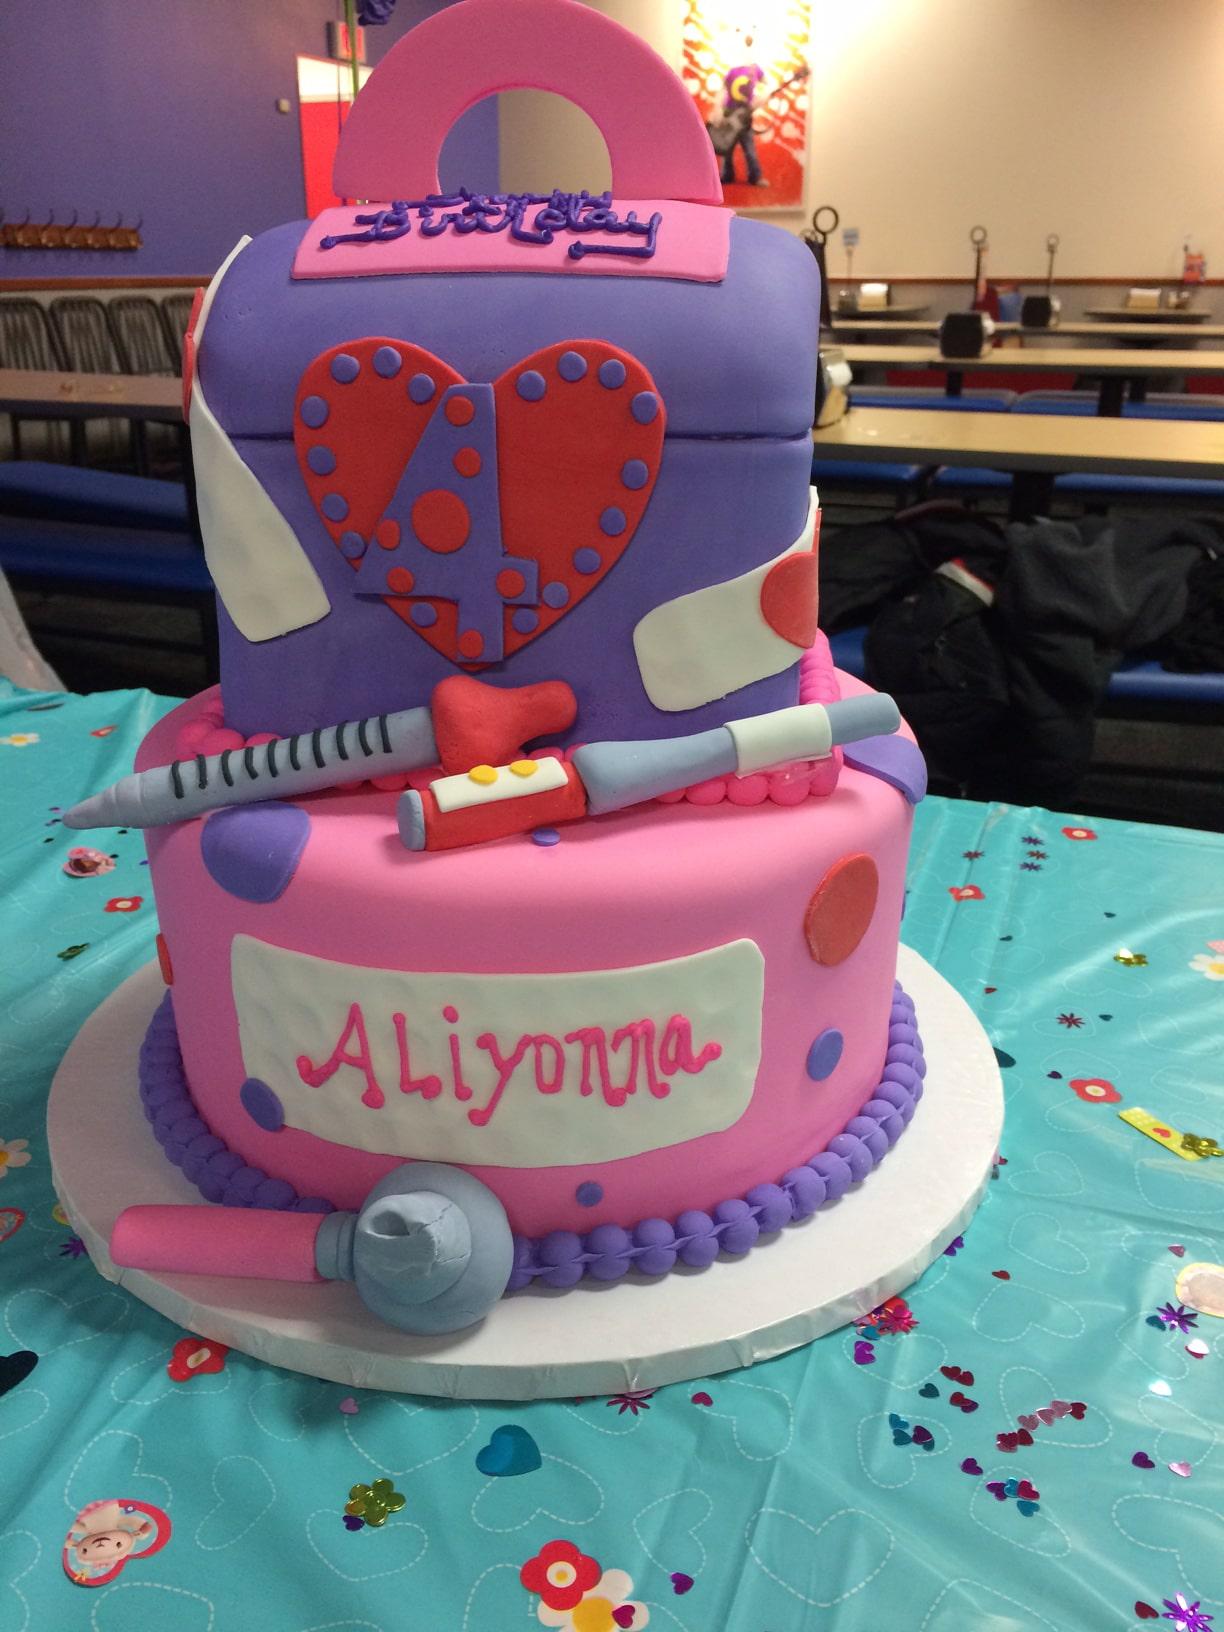 Custom Birthday Cakes Rochester Ny - Delicious Cake Recipe